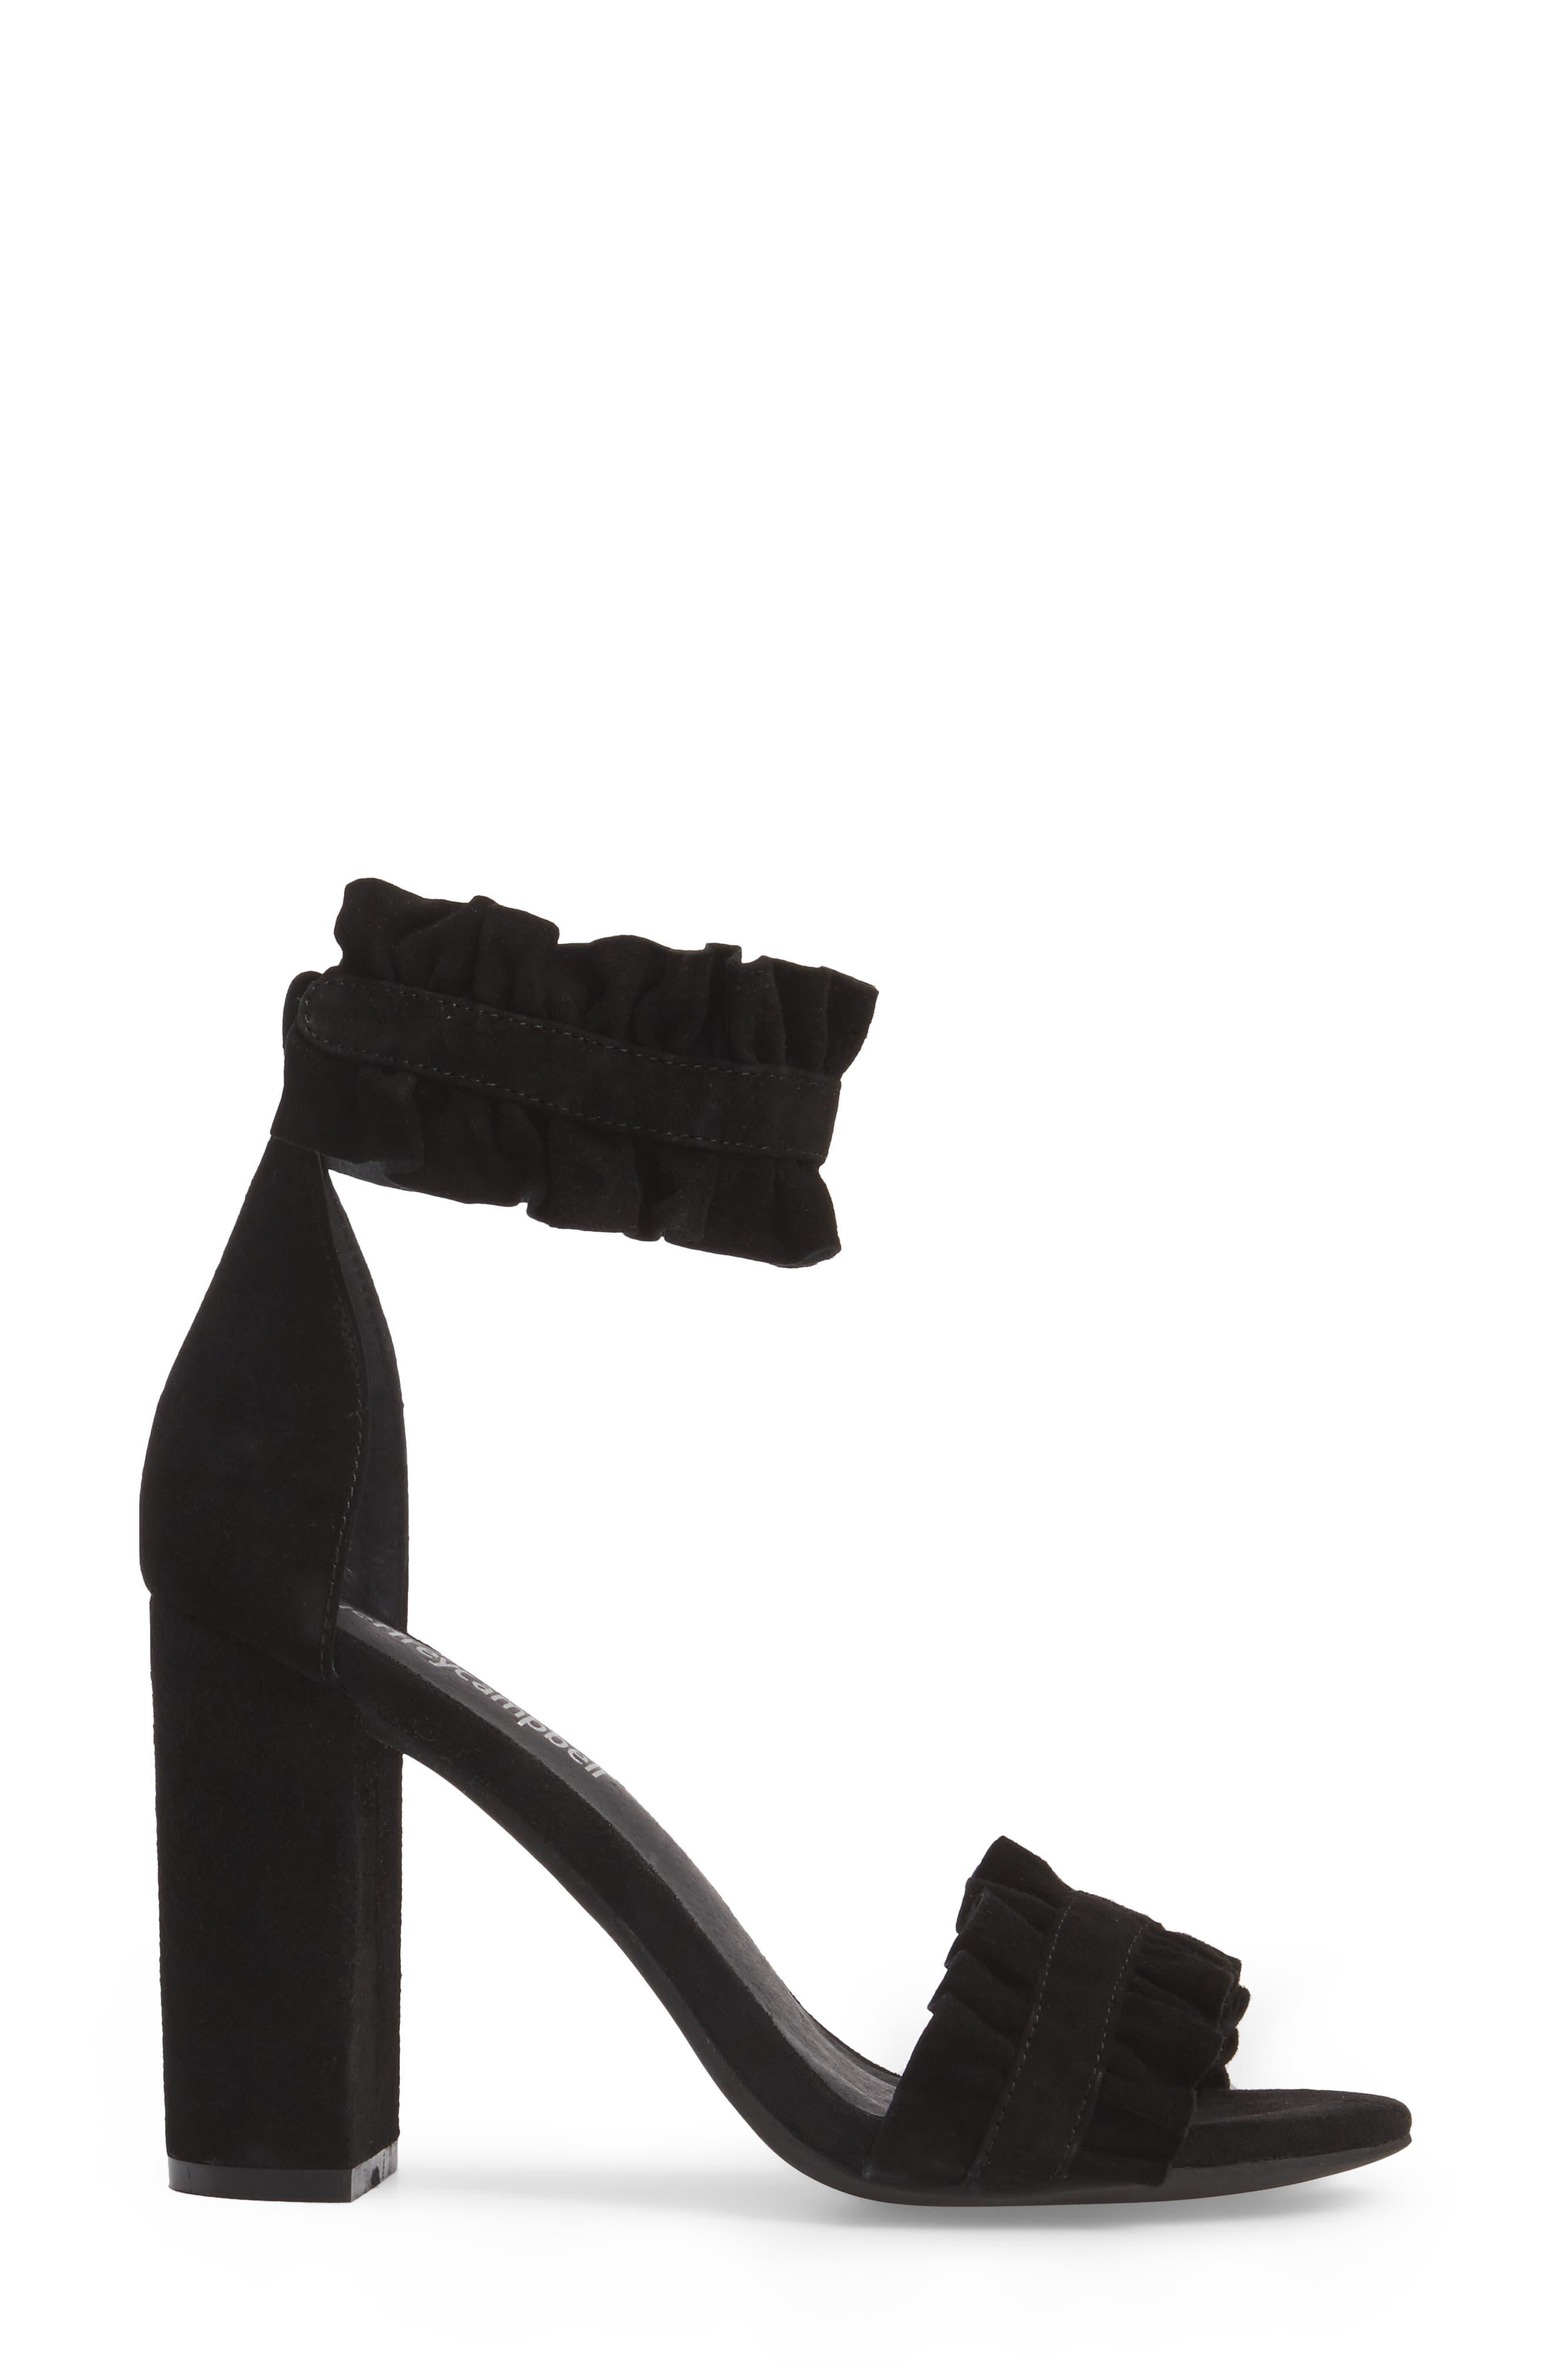 Lindsay Dome Studded Sandal,                             Alternate thumbnail 3, color,                             Black Suede